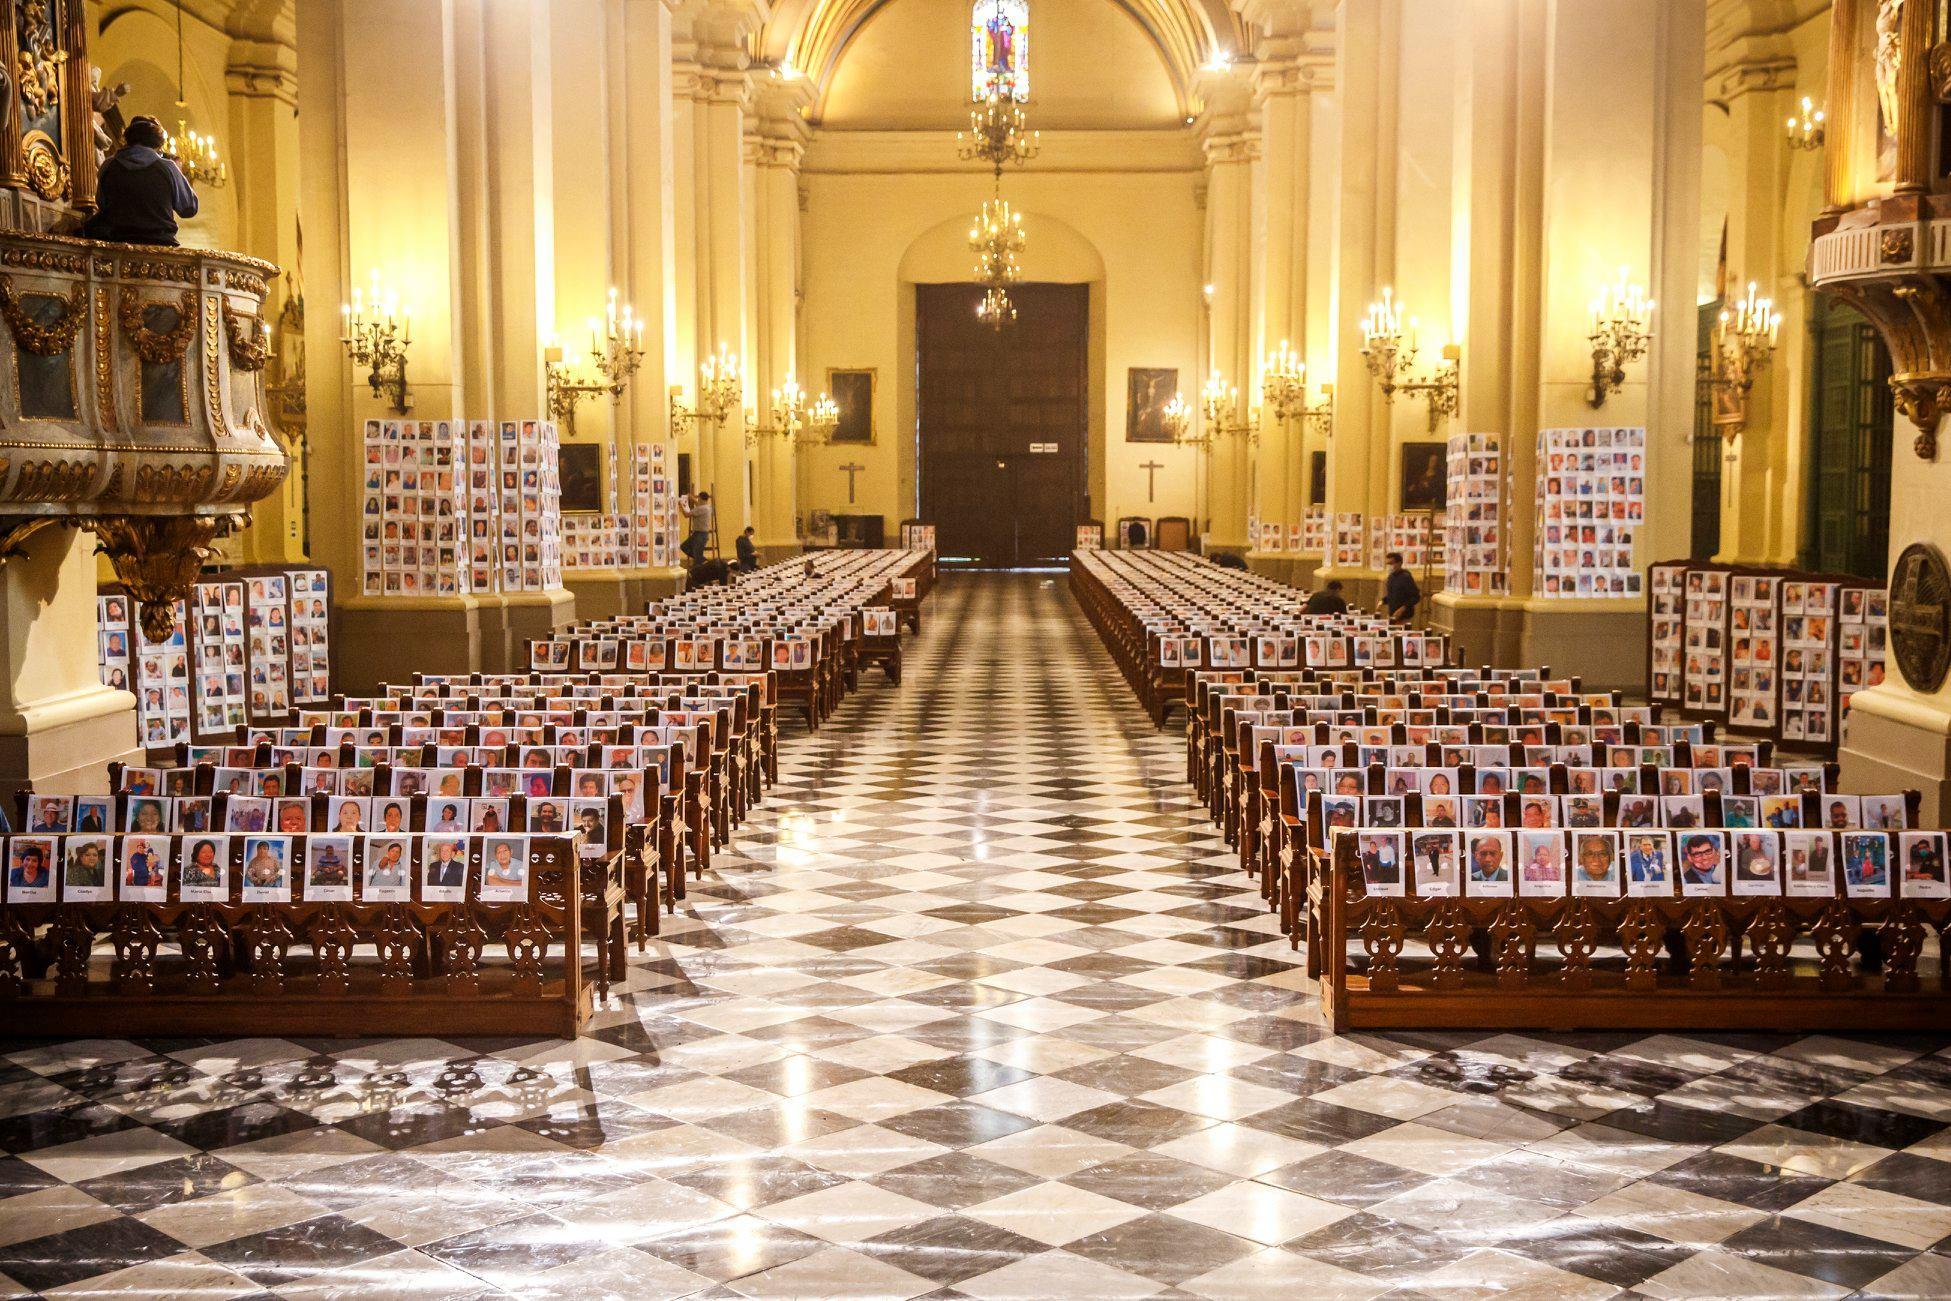 CORONAVIRUS: LLENAN CATEDRAL CON 5 MIL FOTOGRAFÍAS DE FIELES PARA REZAR POR FALLECIDOS